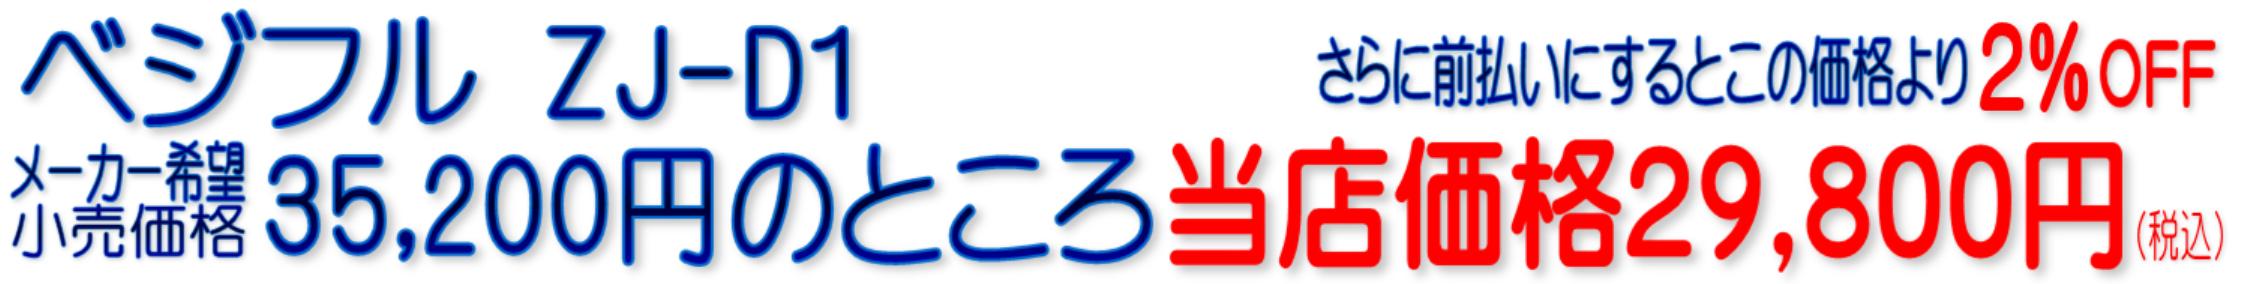 ベジフル ZJ-D1